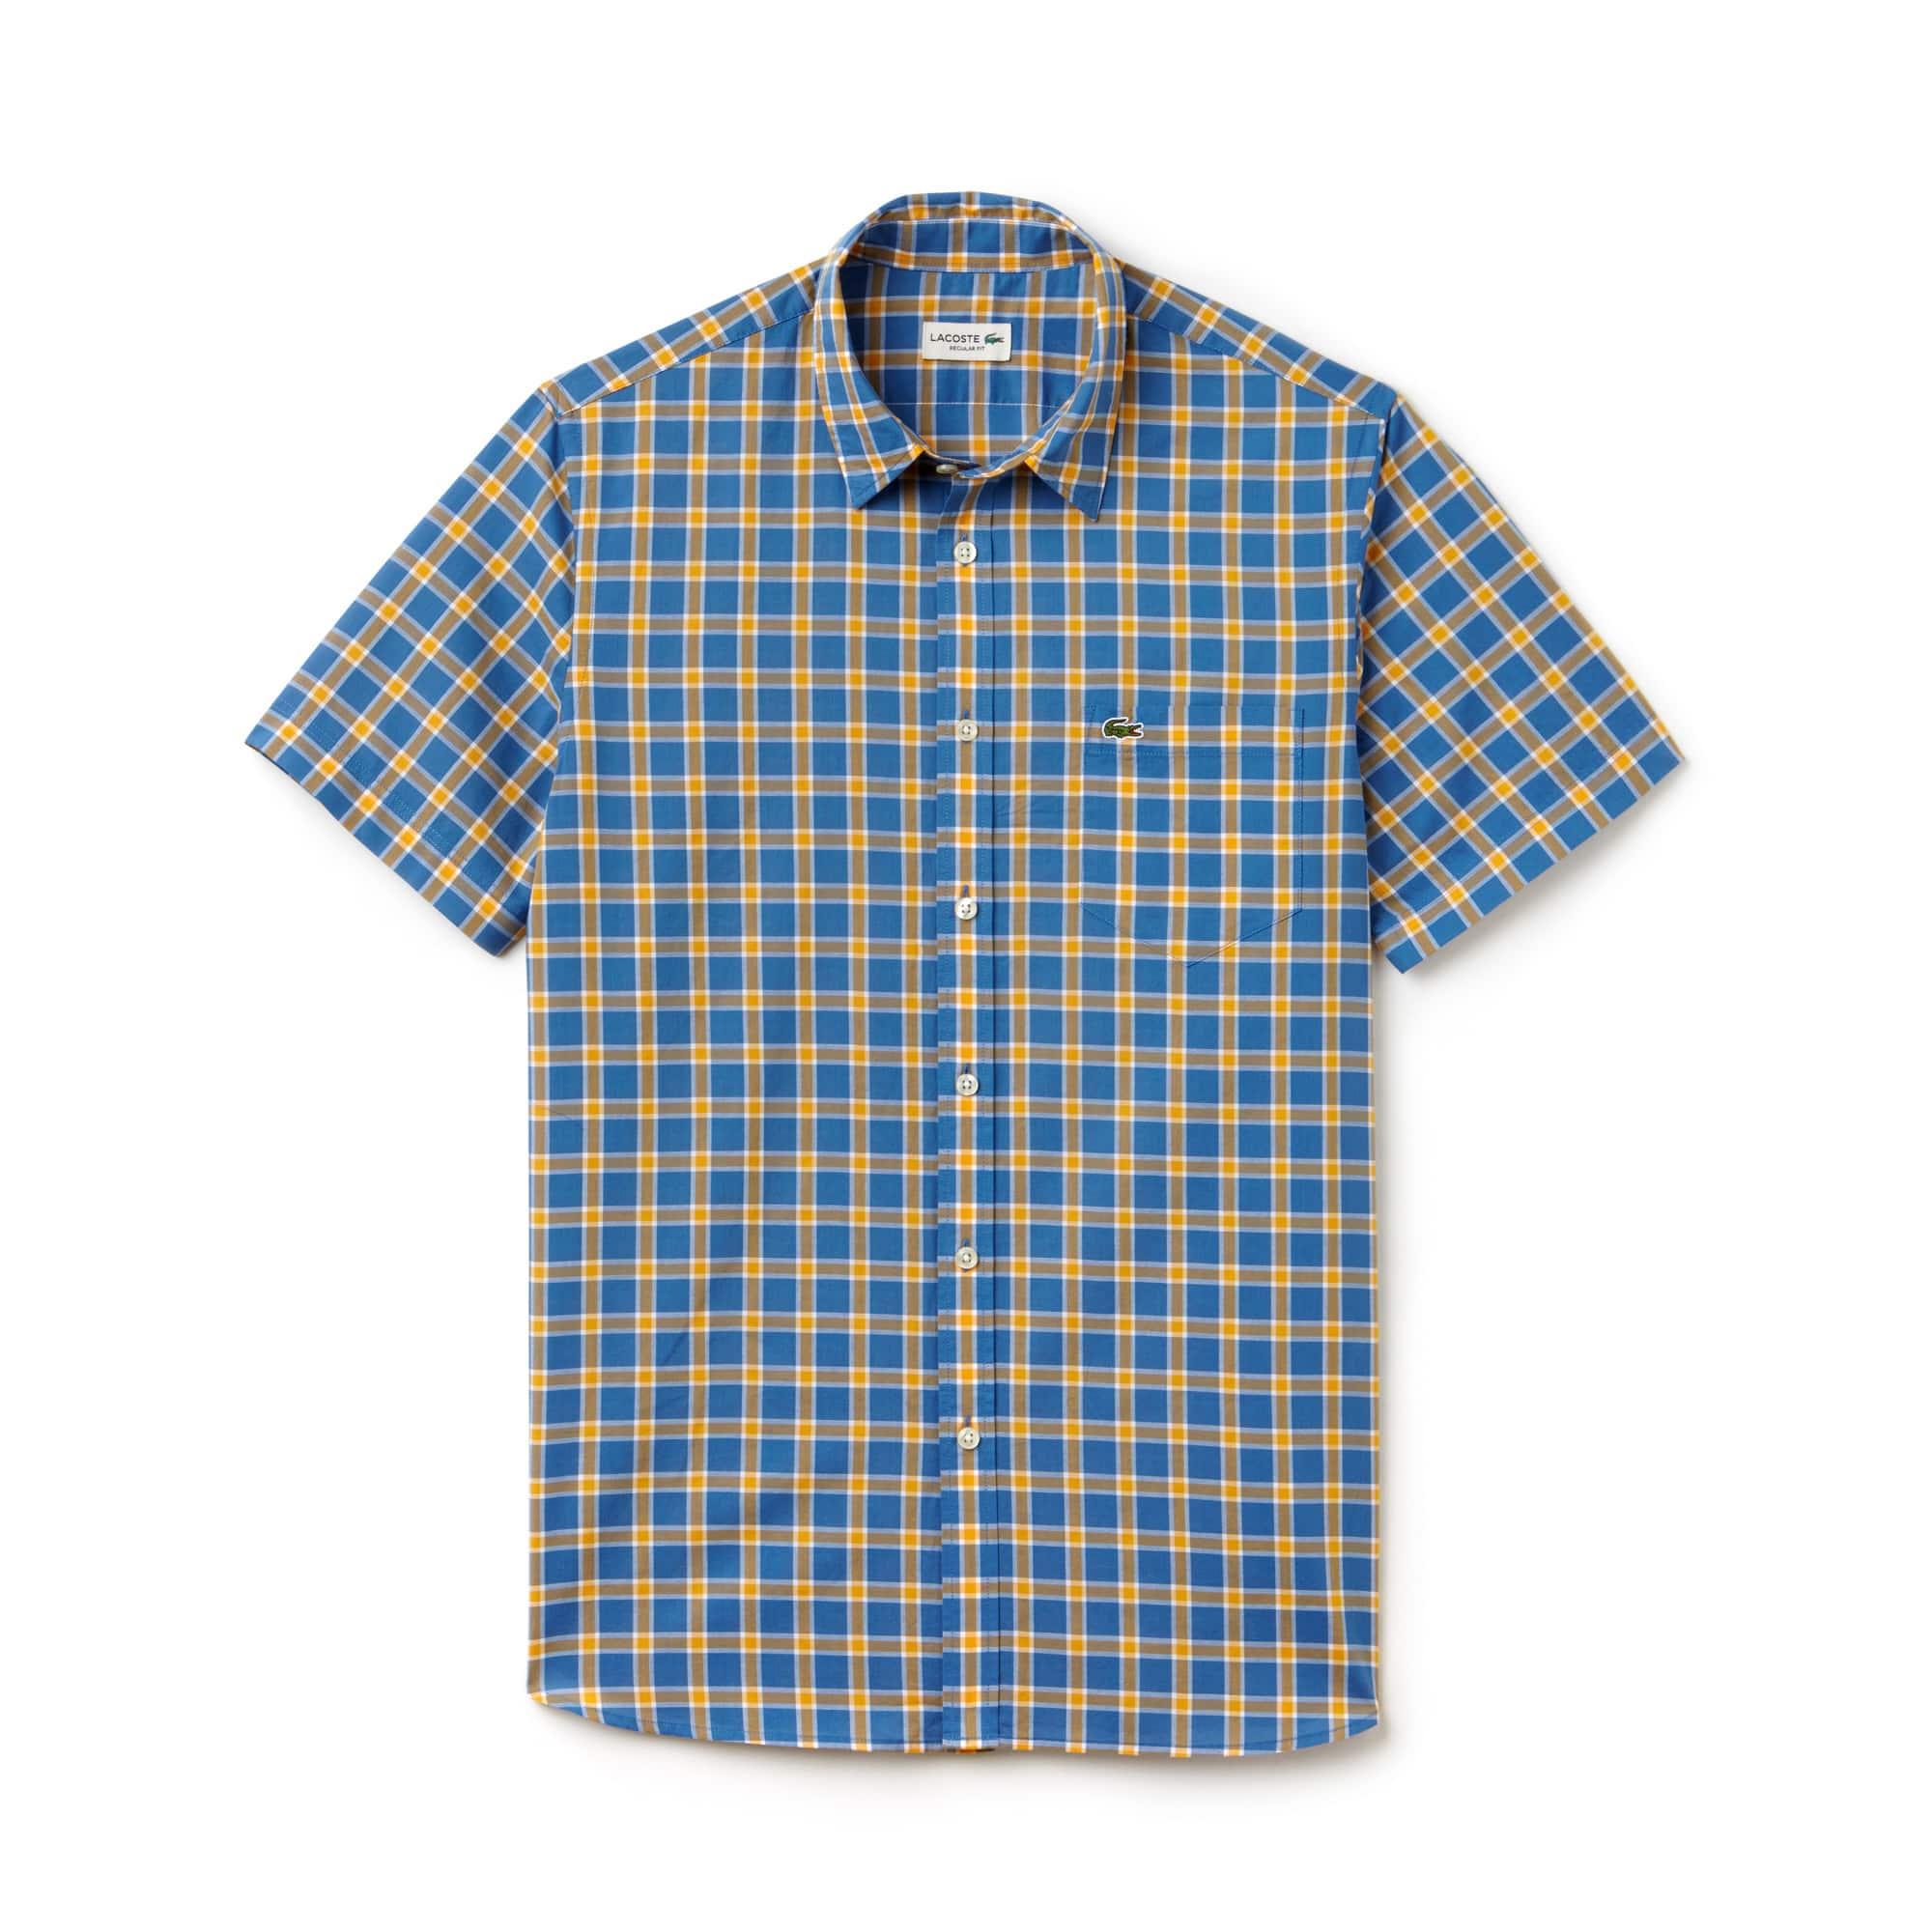 Men's Regular Fit Checked Poplin Shirt